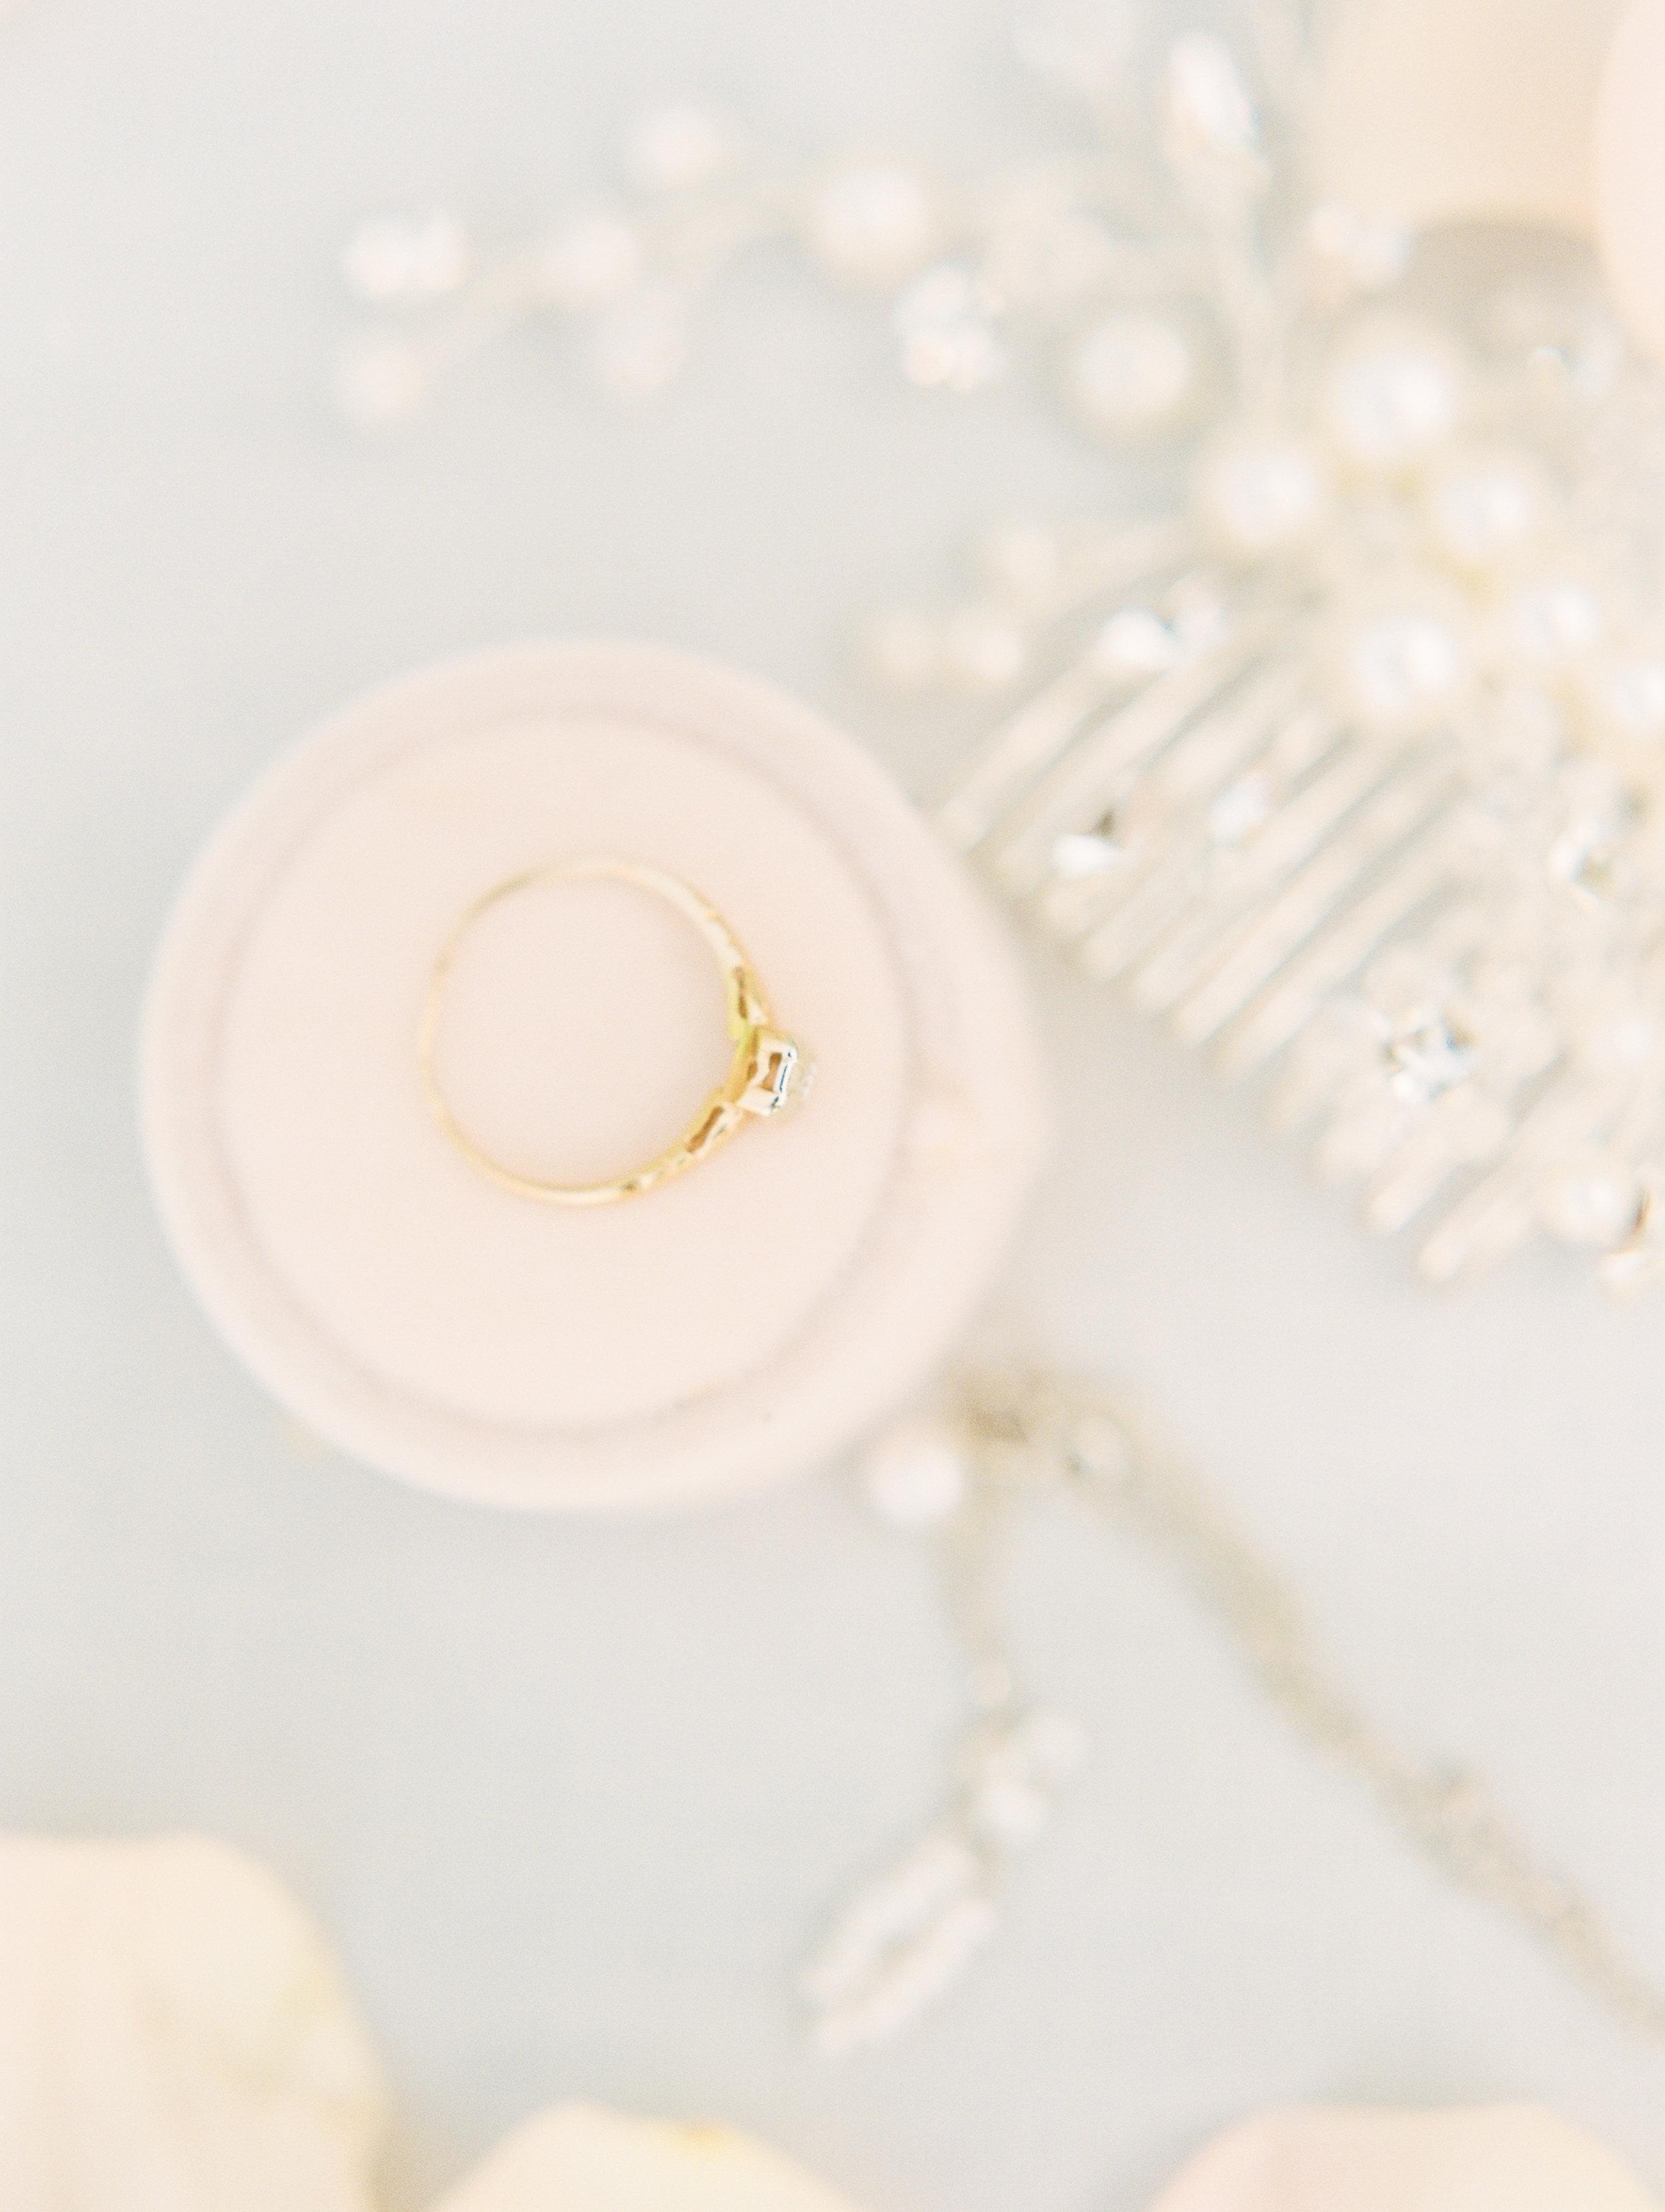 Cupp+Wedding+Detailsf-17.jpg